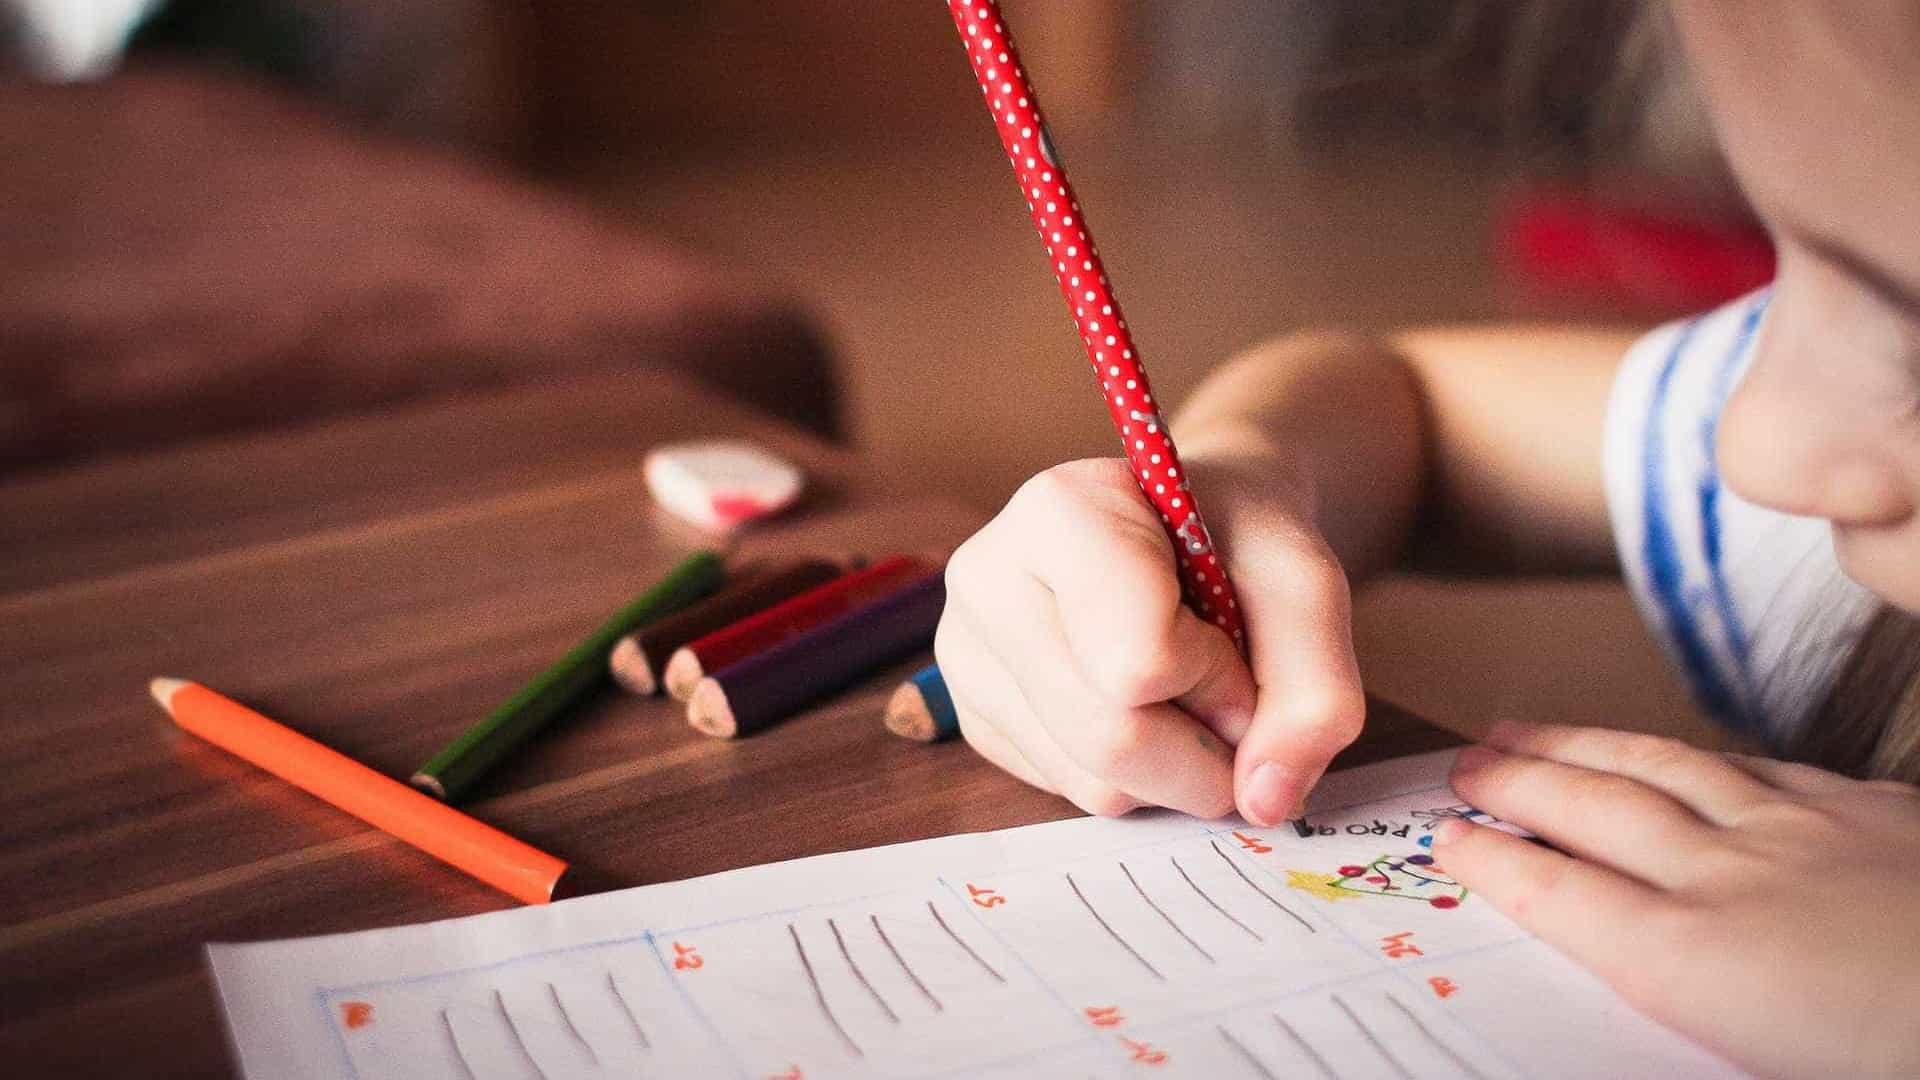 Pais devem acompanhar estudos da criança, mas não interferir